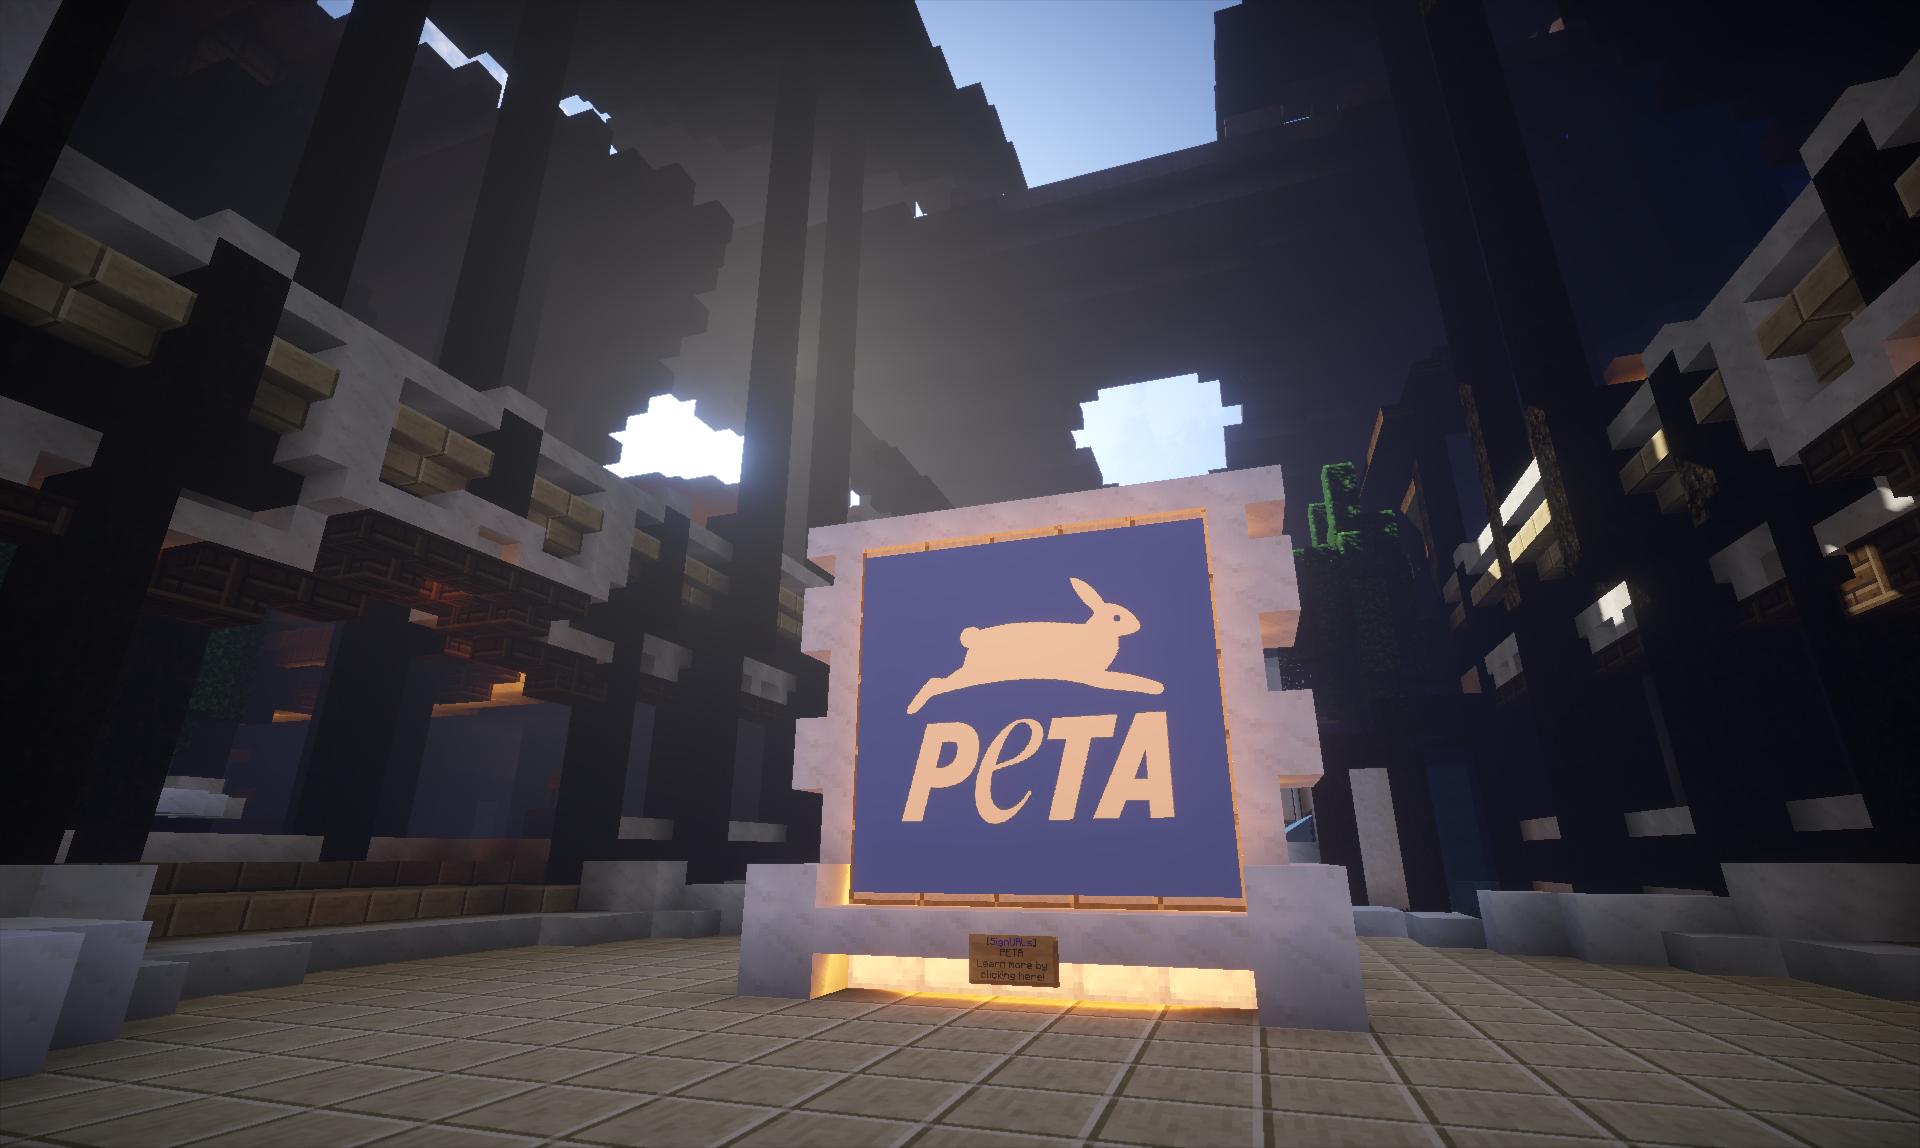 PETA opens headquarters in Minecraft, creates animal utopia